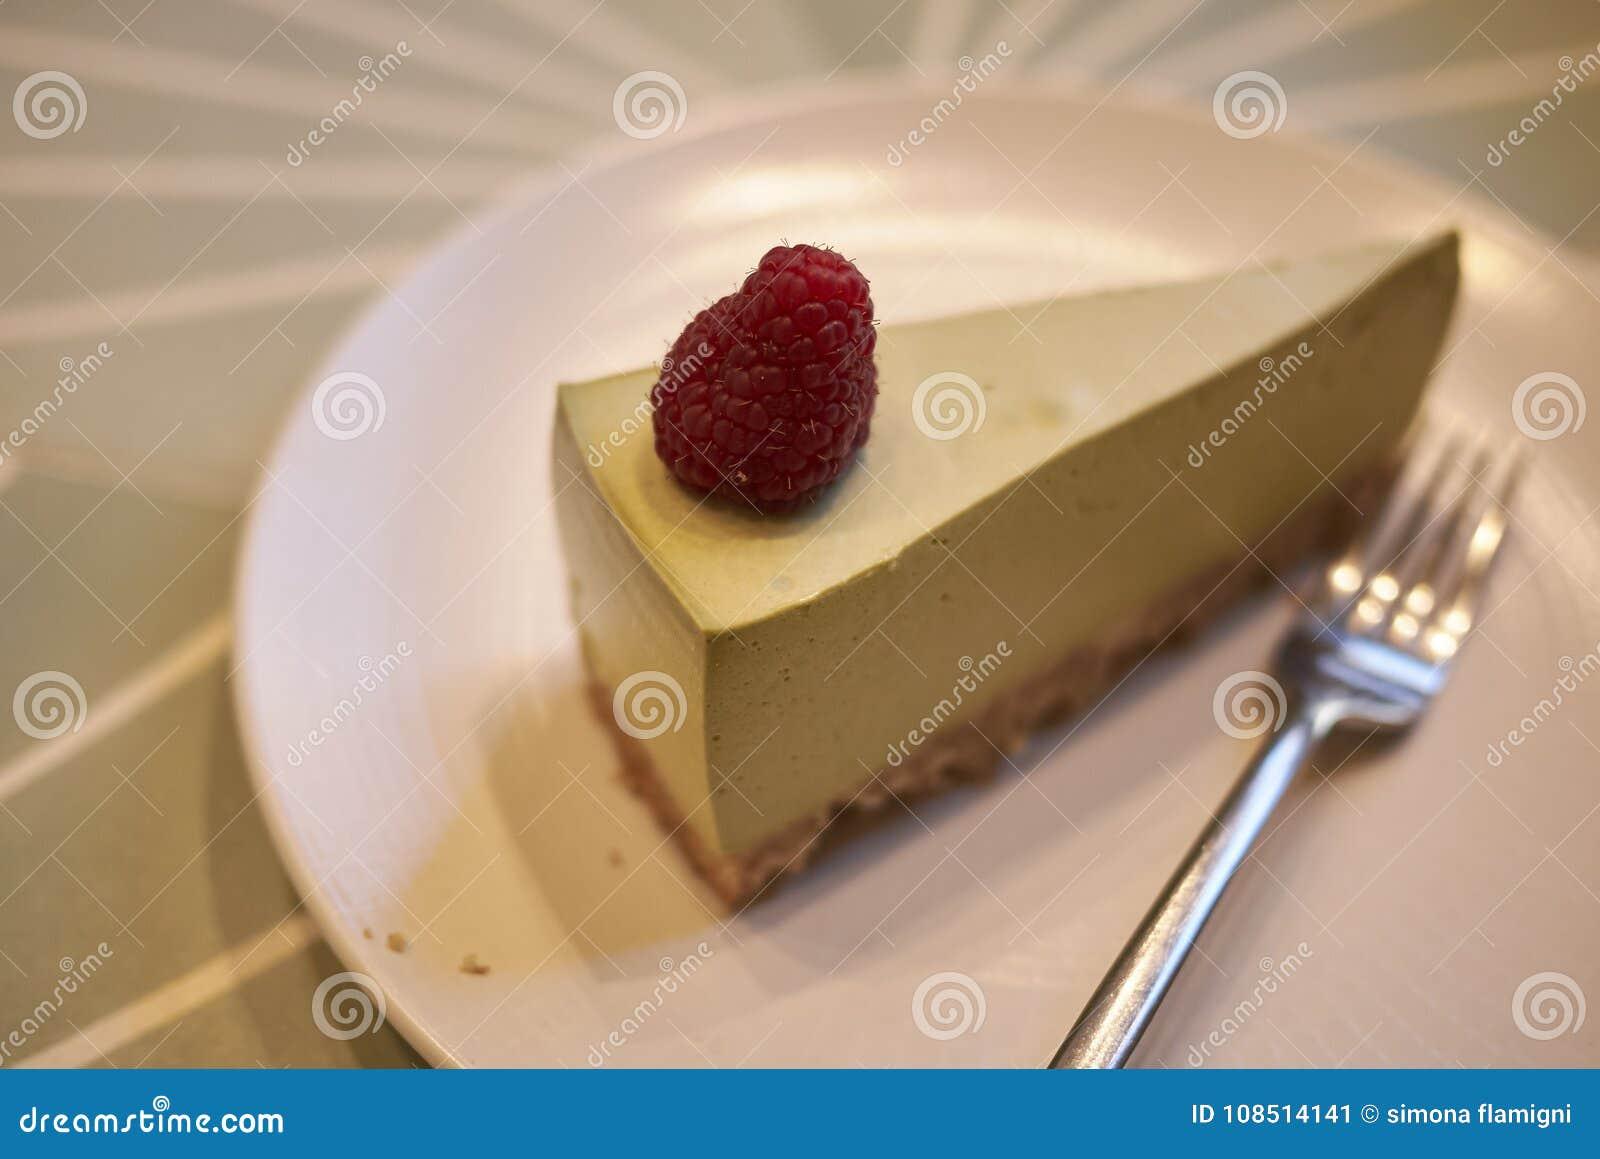 Macha cheese cake stock image  Image of lunch, macha - 108514141